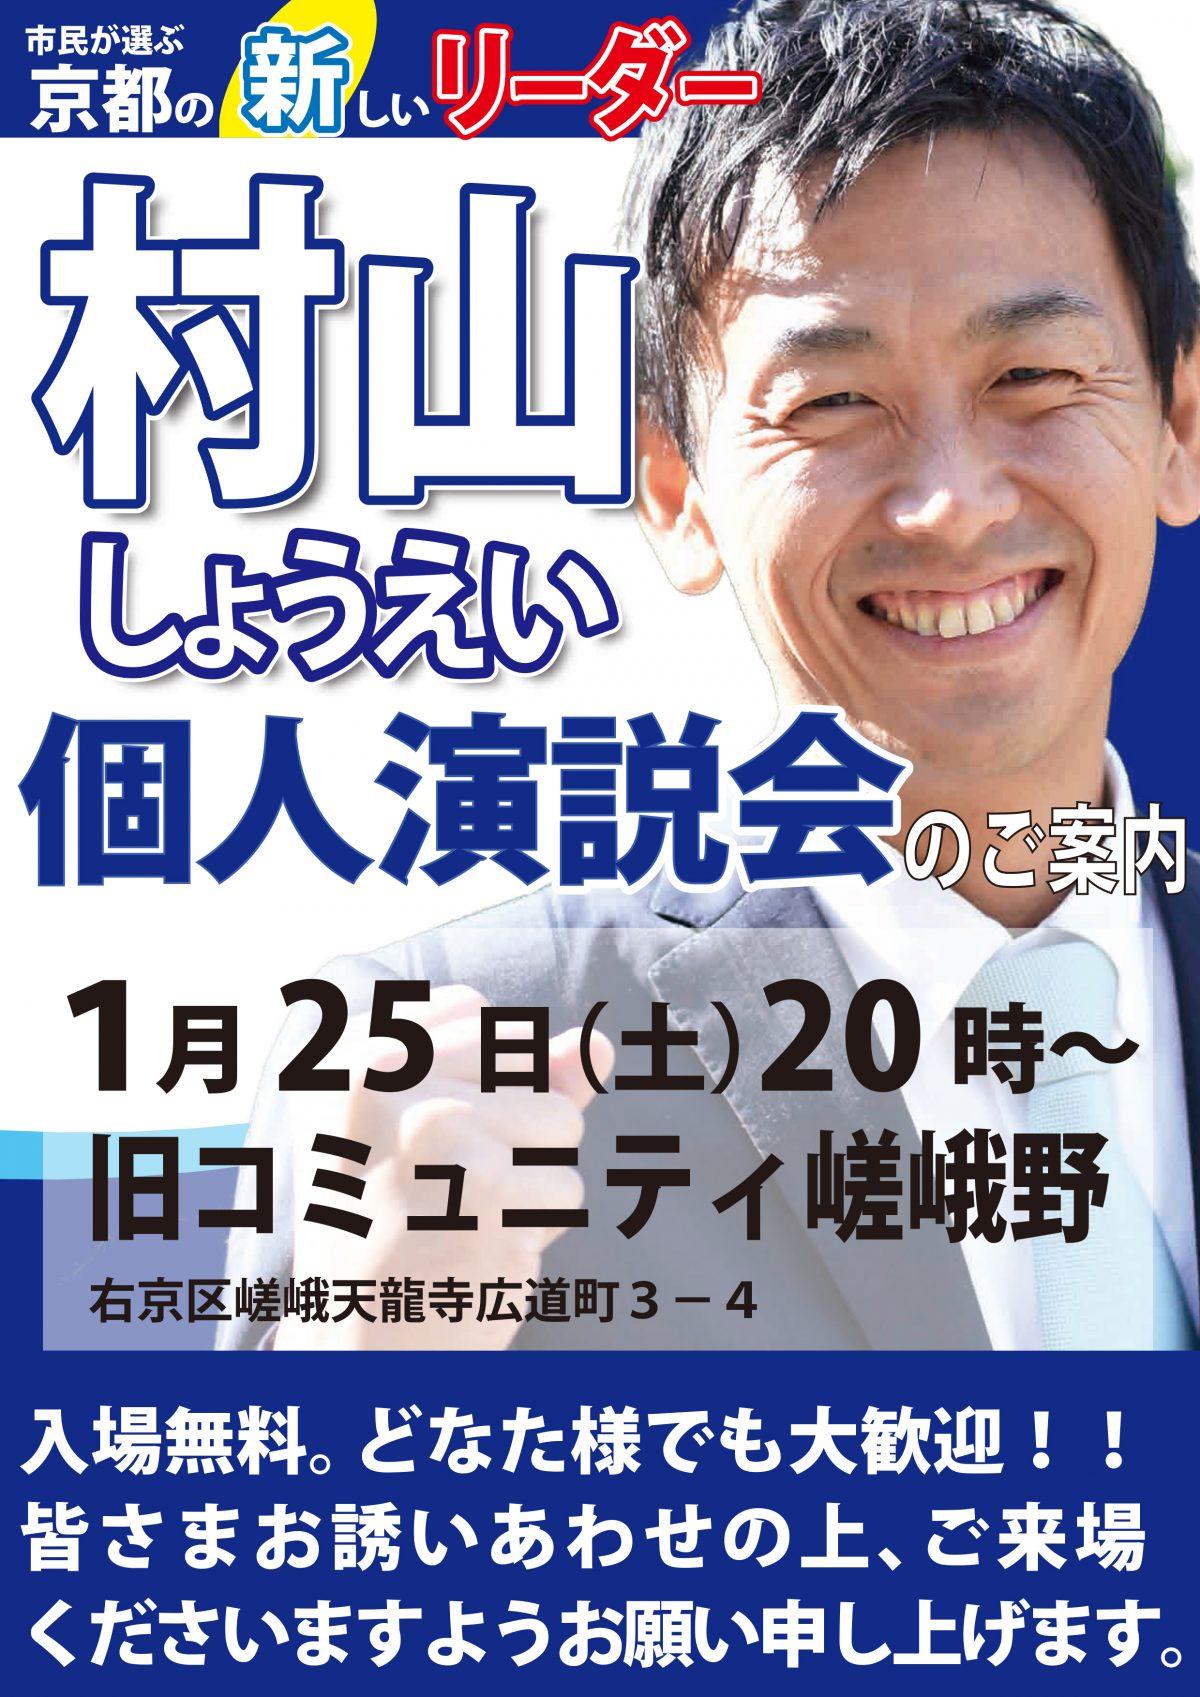 市長候補・村山祥栄 個人演説会ご案内